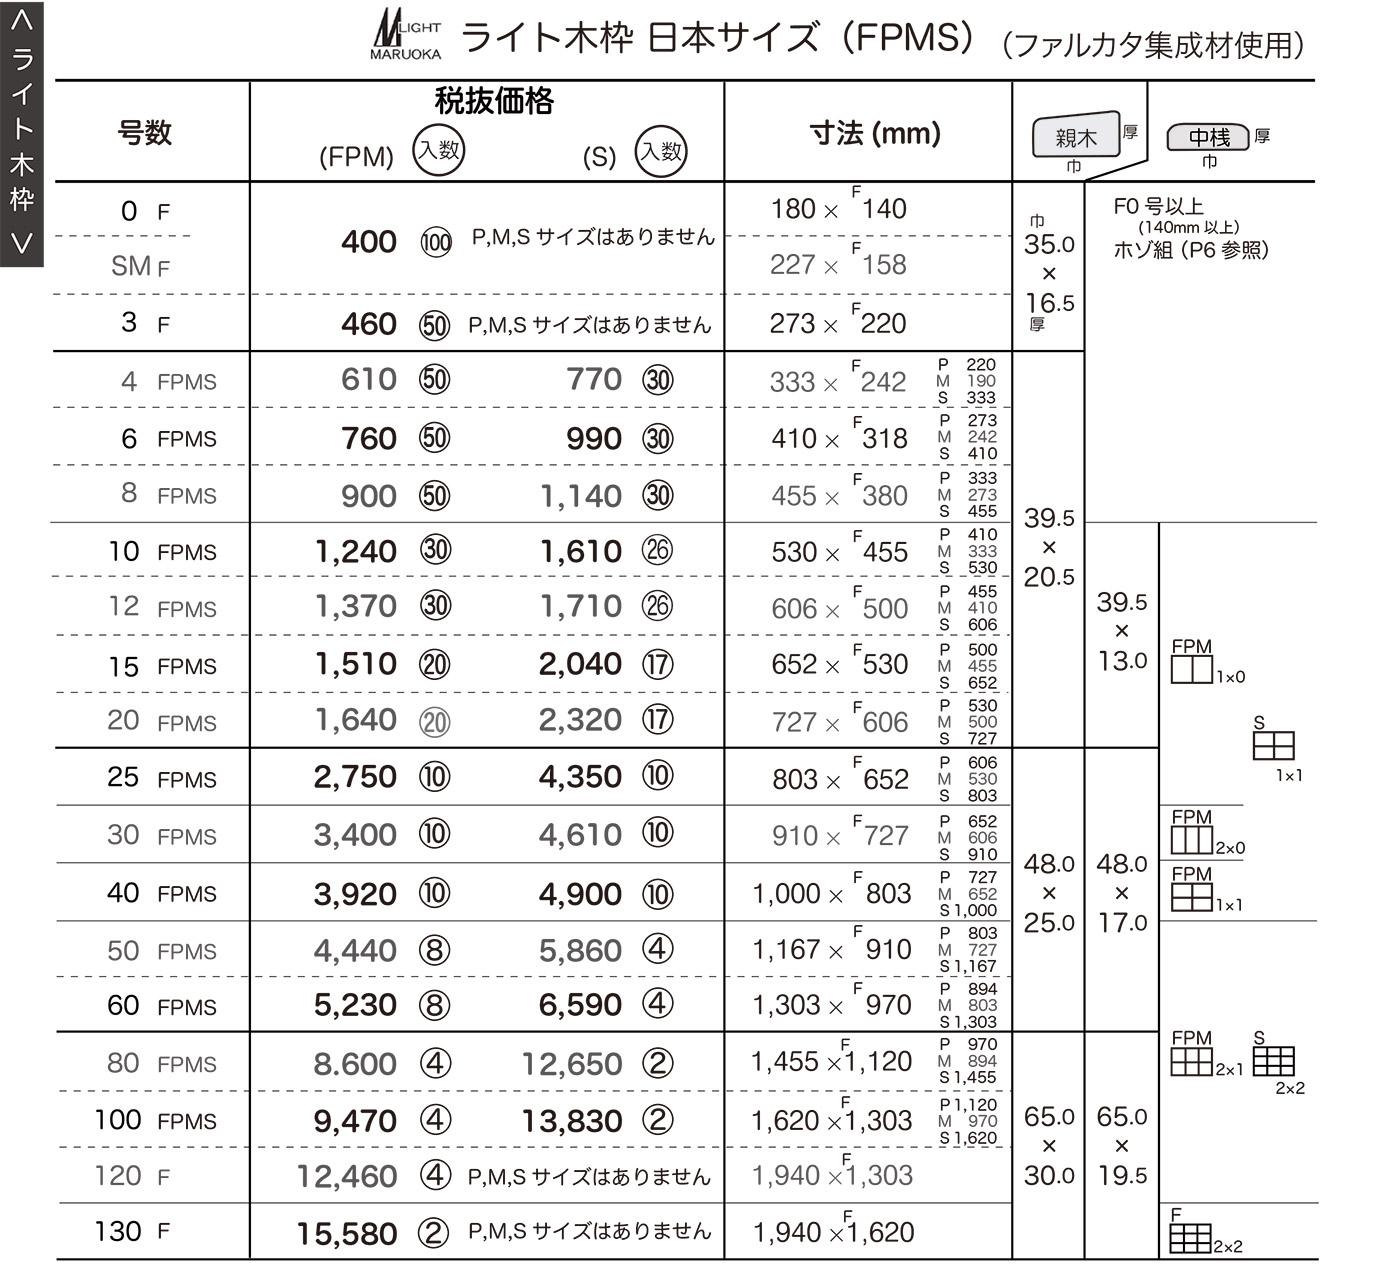 ライト木枠 日本サイズ表